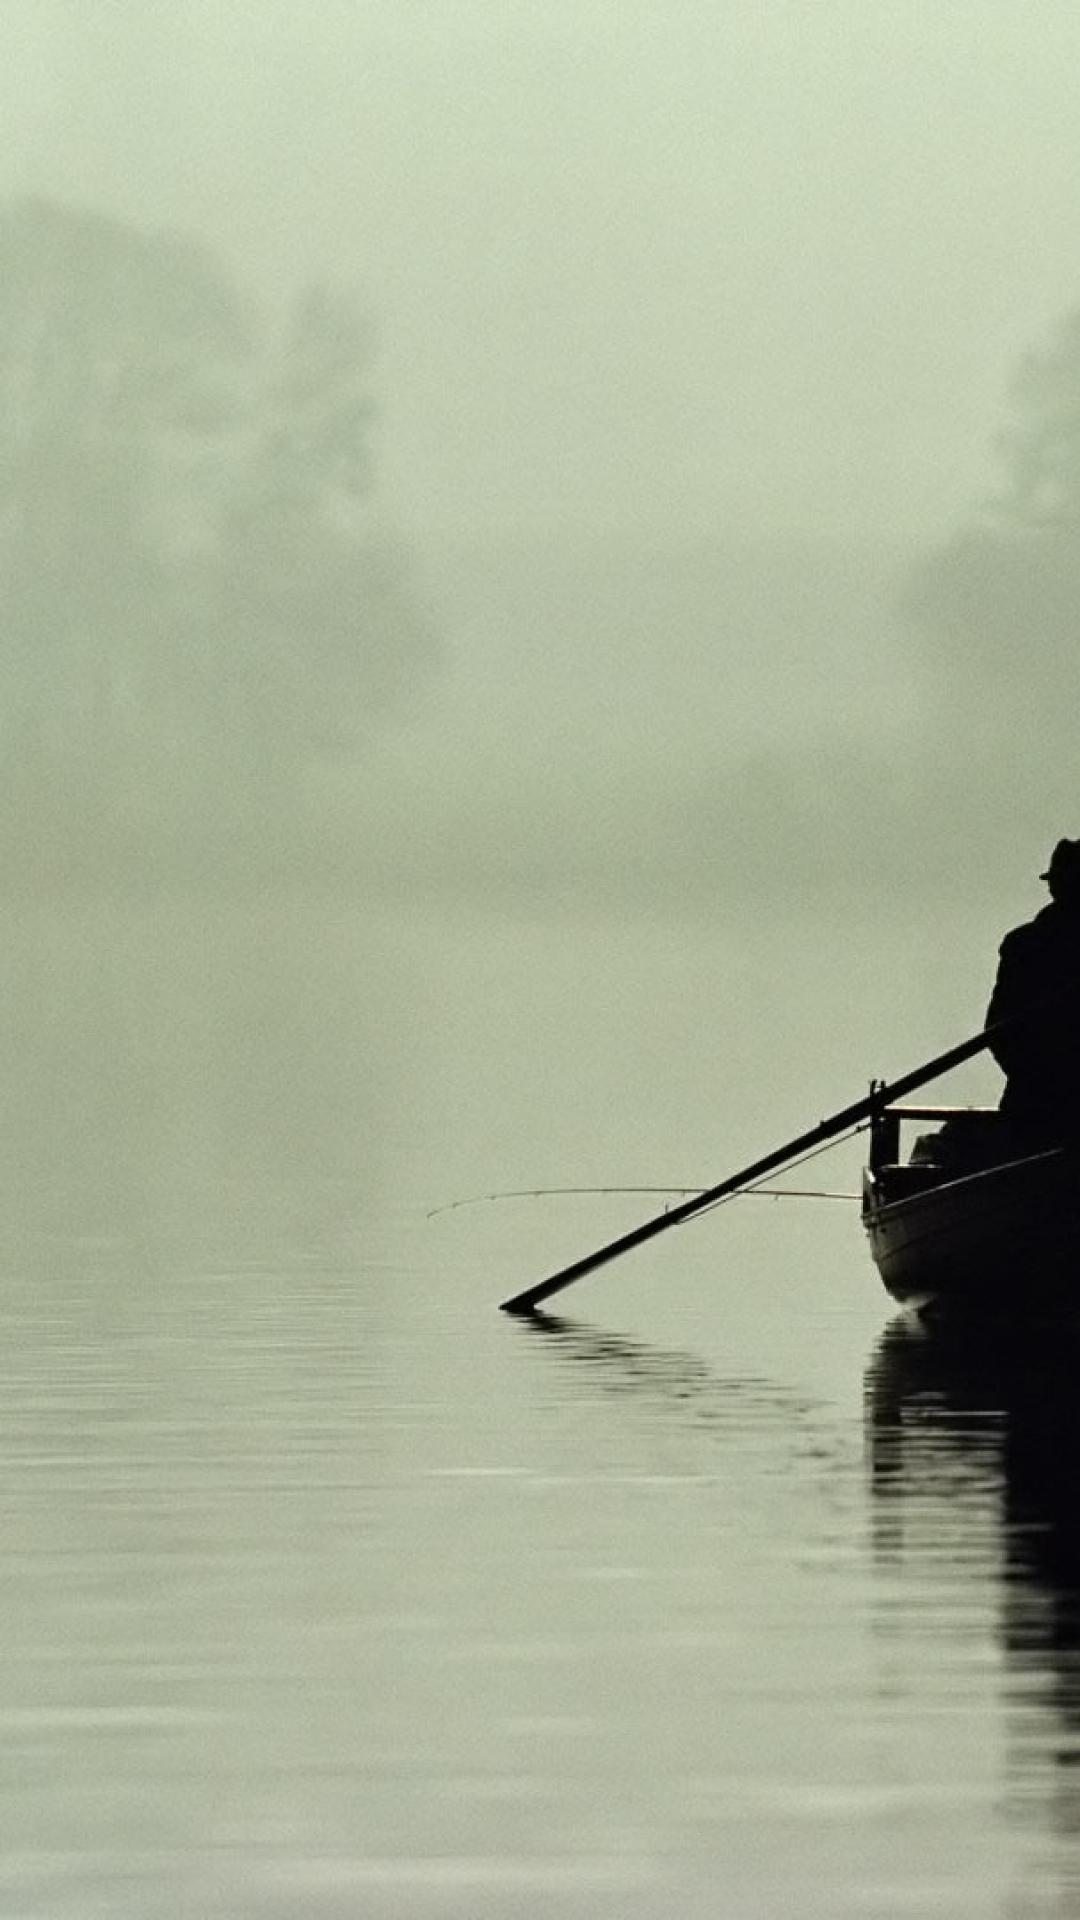 boat person rowing outlines silhouette fog lake 60643 1080x1920 3Wallpapers : notre sélection de fonds d'écran du 22/09/2017